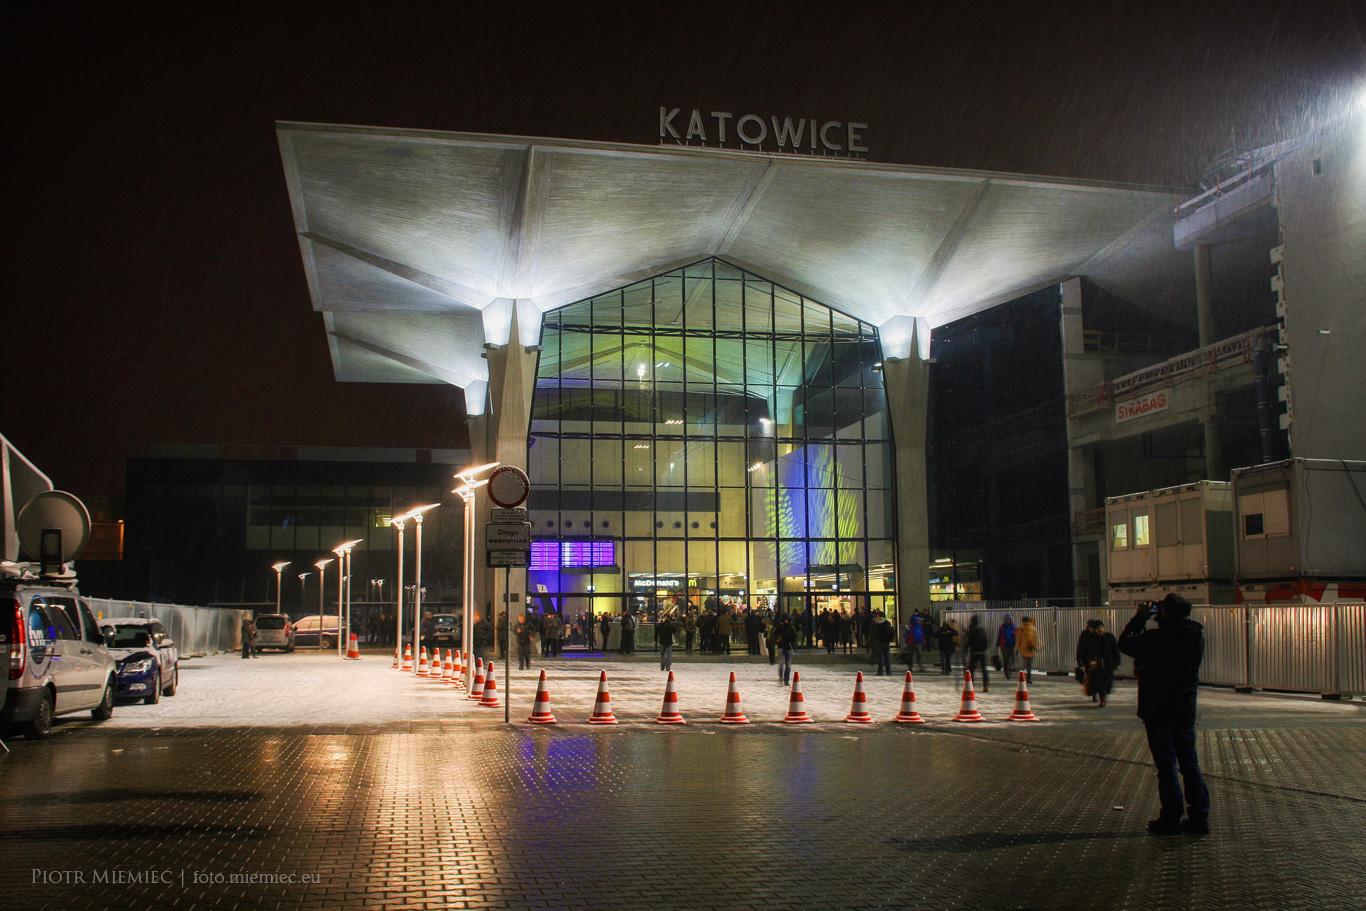 Katowice dworzec kolejowy